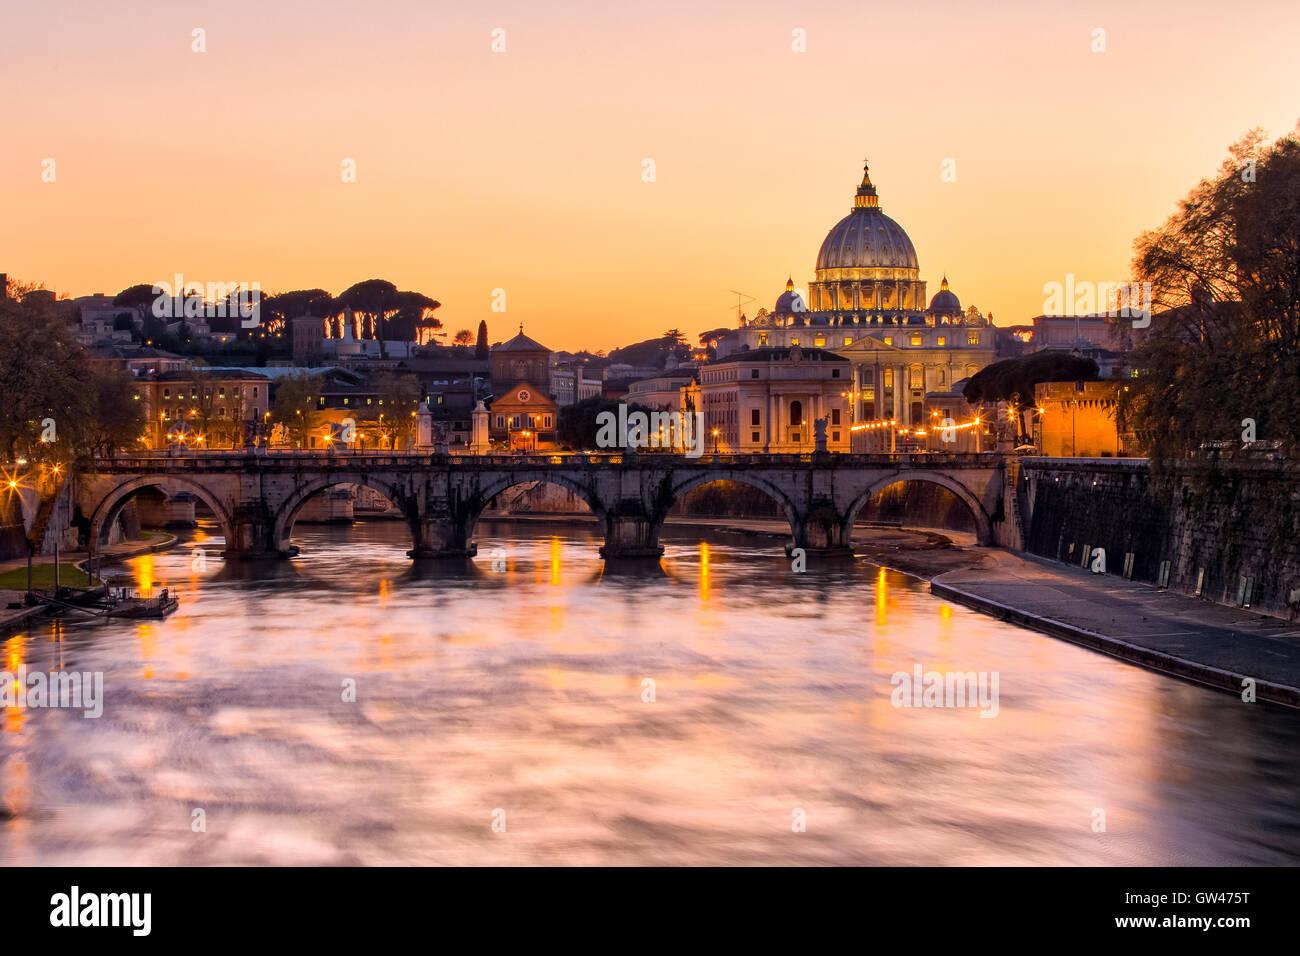 Vista tramonto dello Stato della Città del Vaticano. Foto Stock